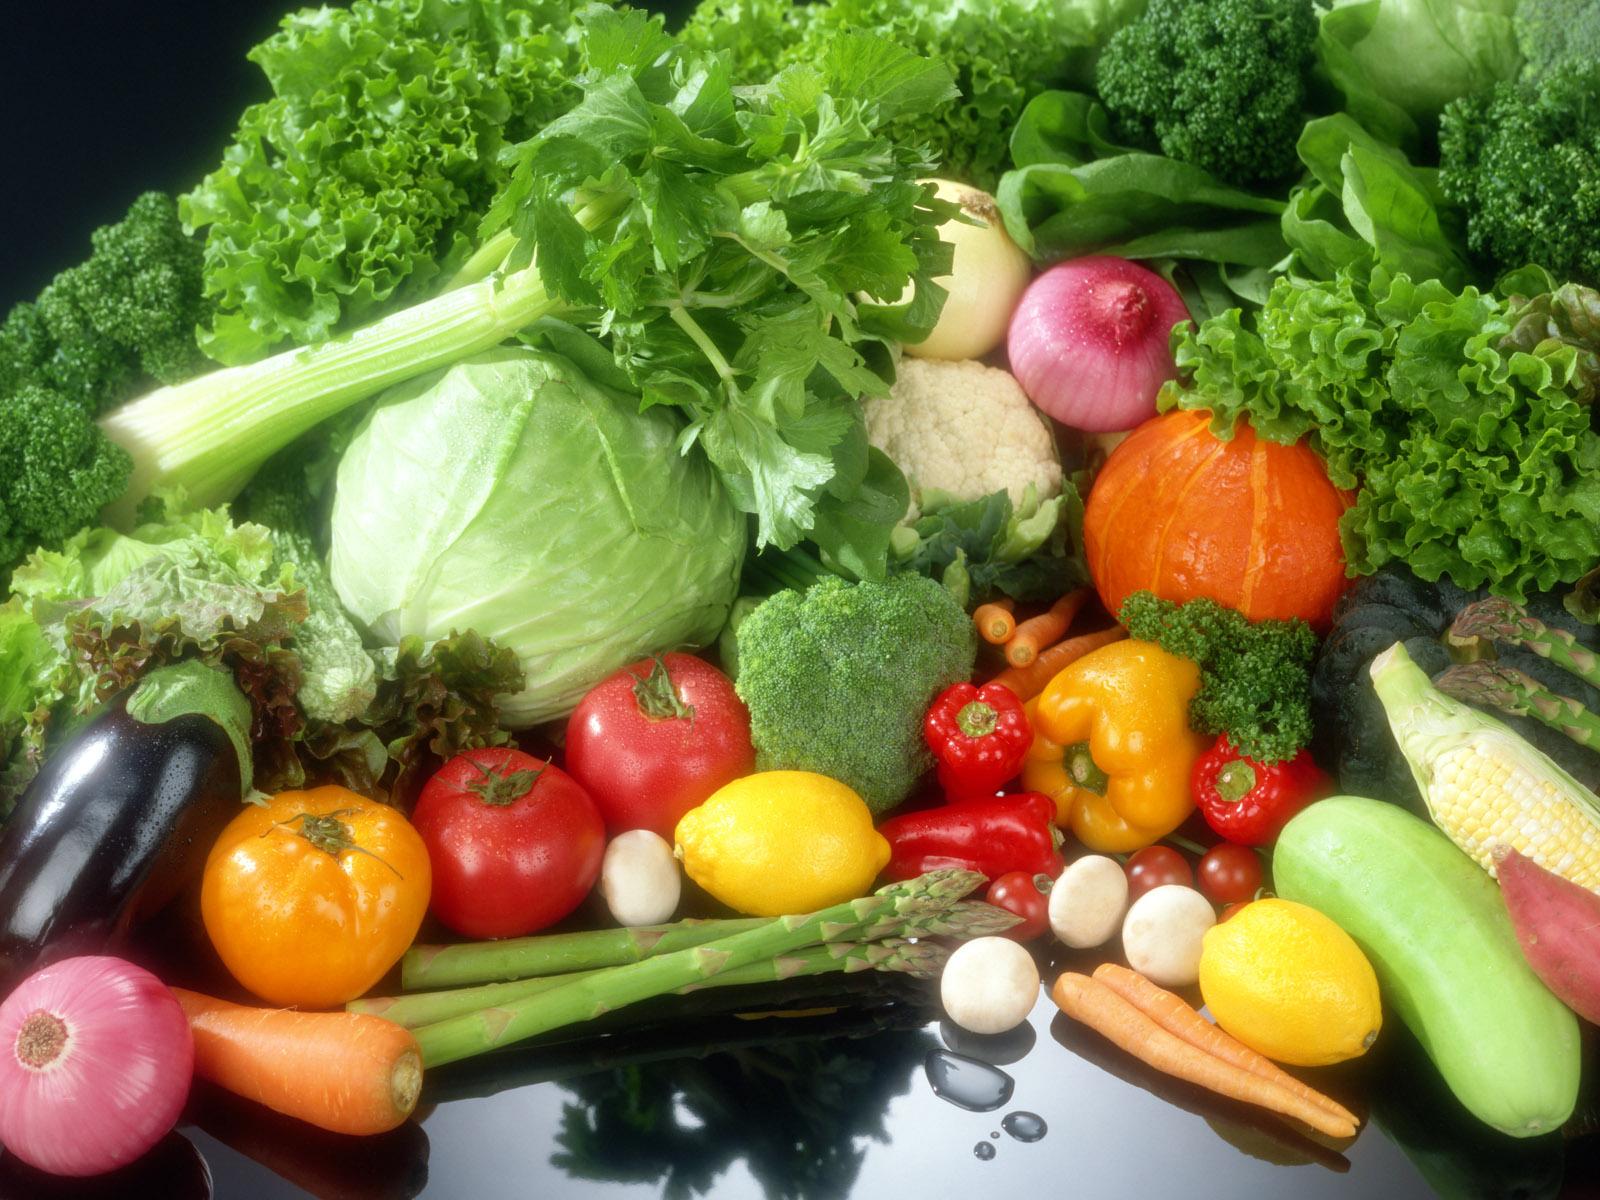 多吃蔬菜水果